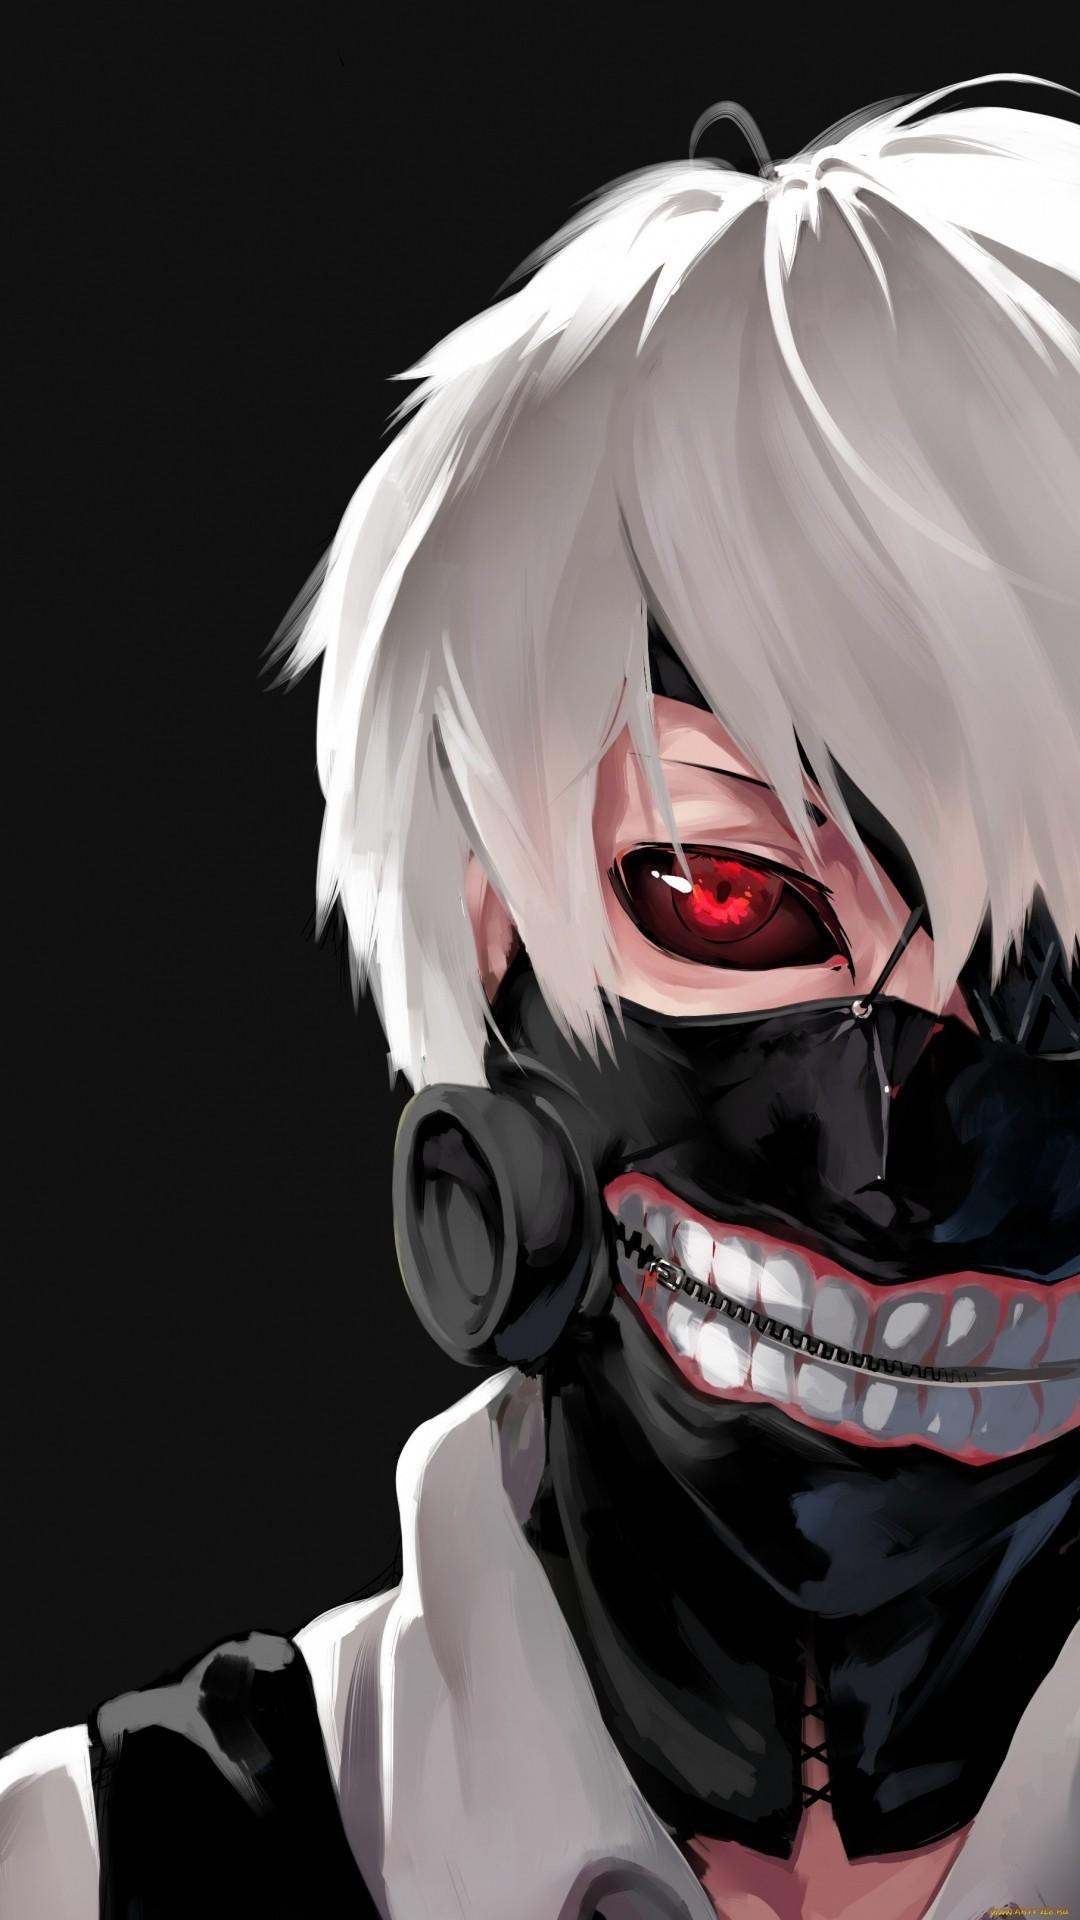 Tokyo Ghoul iPhone wallpaper